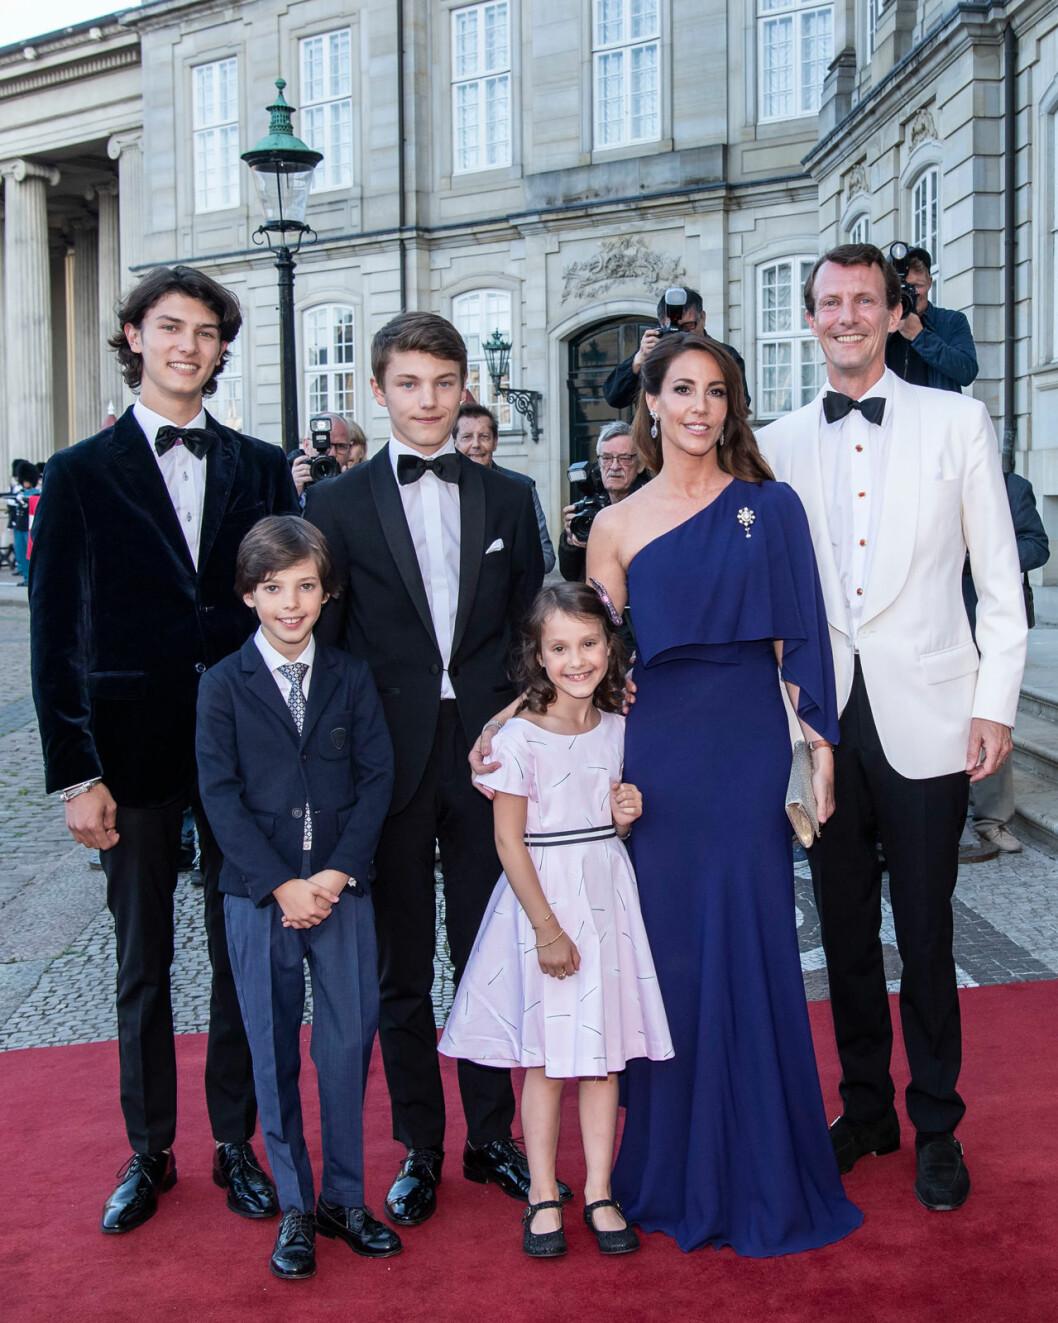 Prins Henrik med pappa Joachim, mamma Marie och syskonen prins Nicolai, prins Felix och prinsessan Athena.